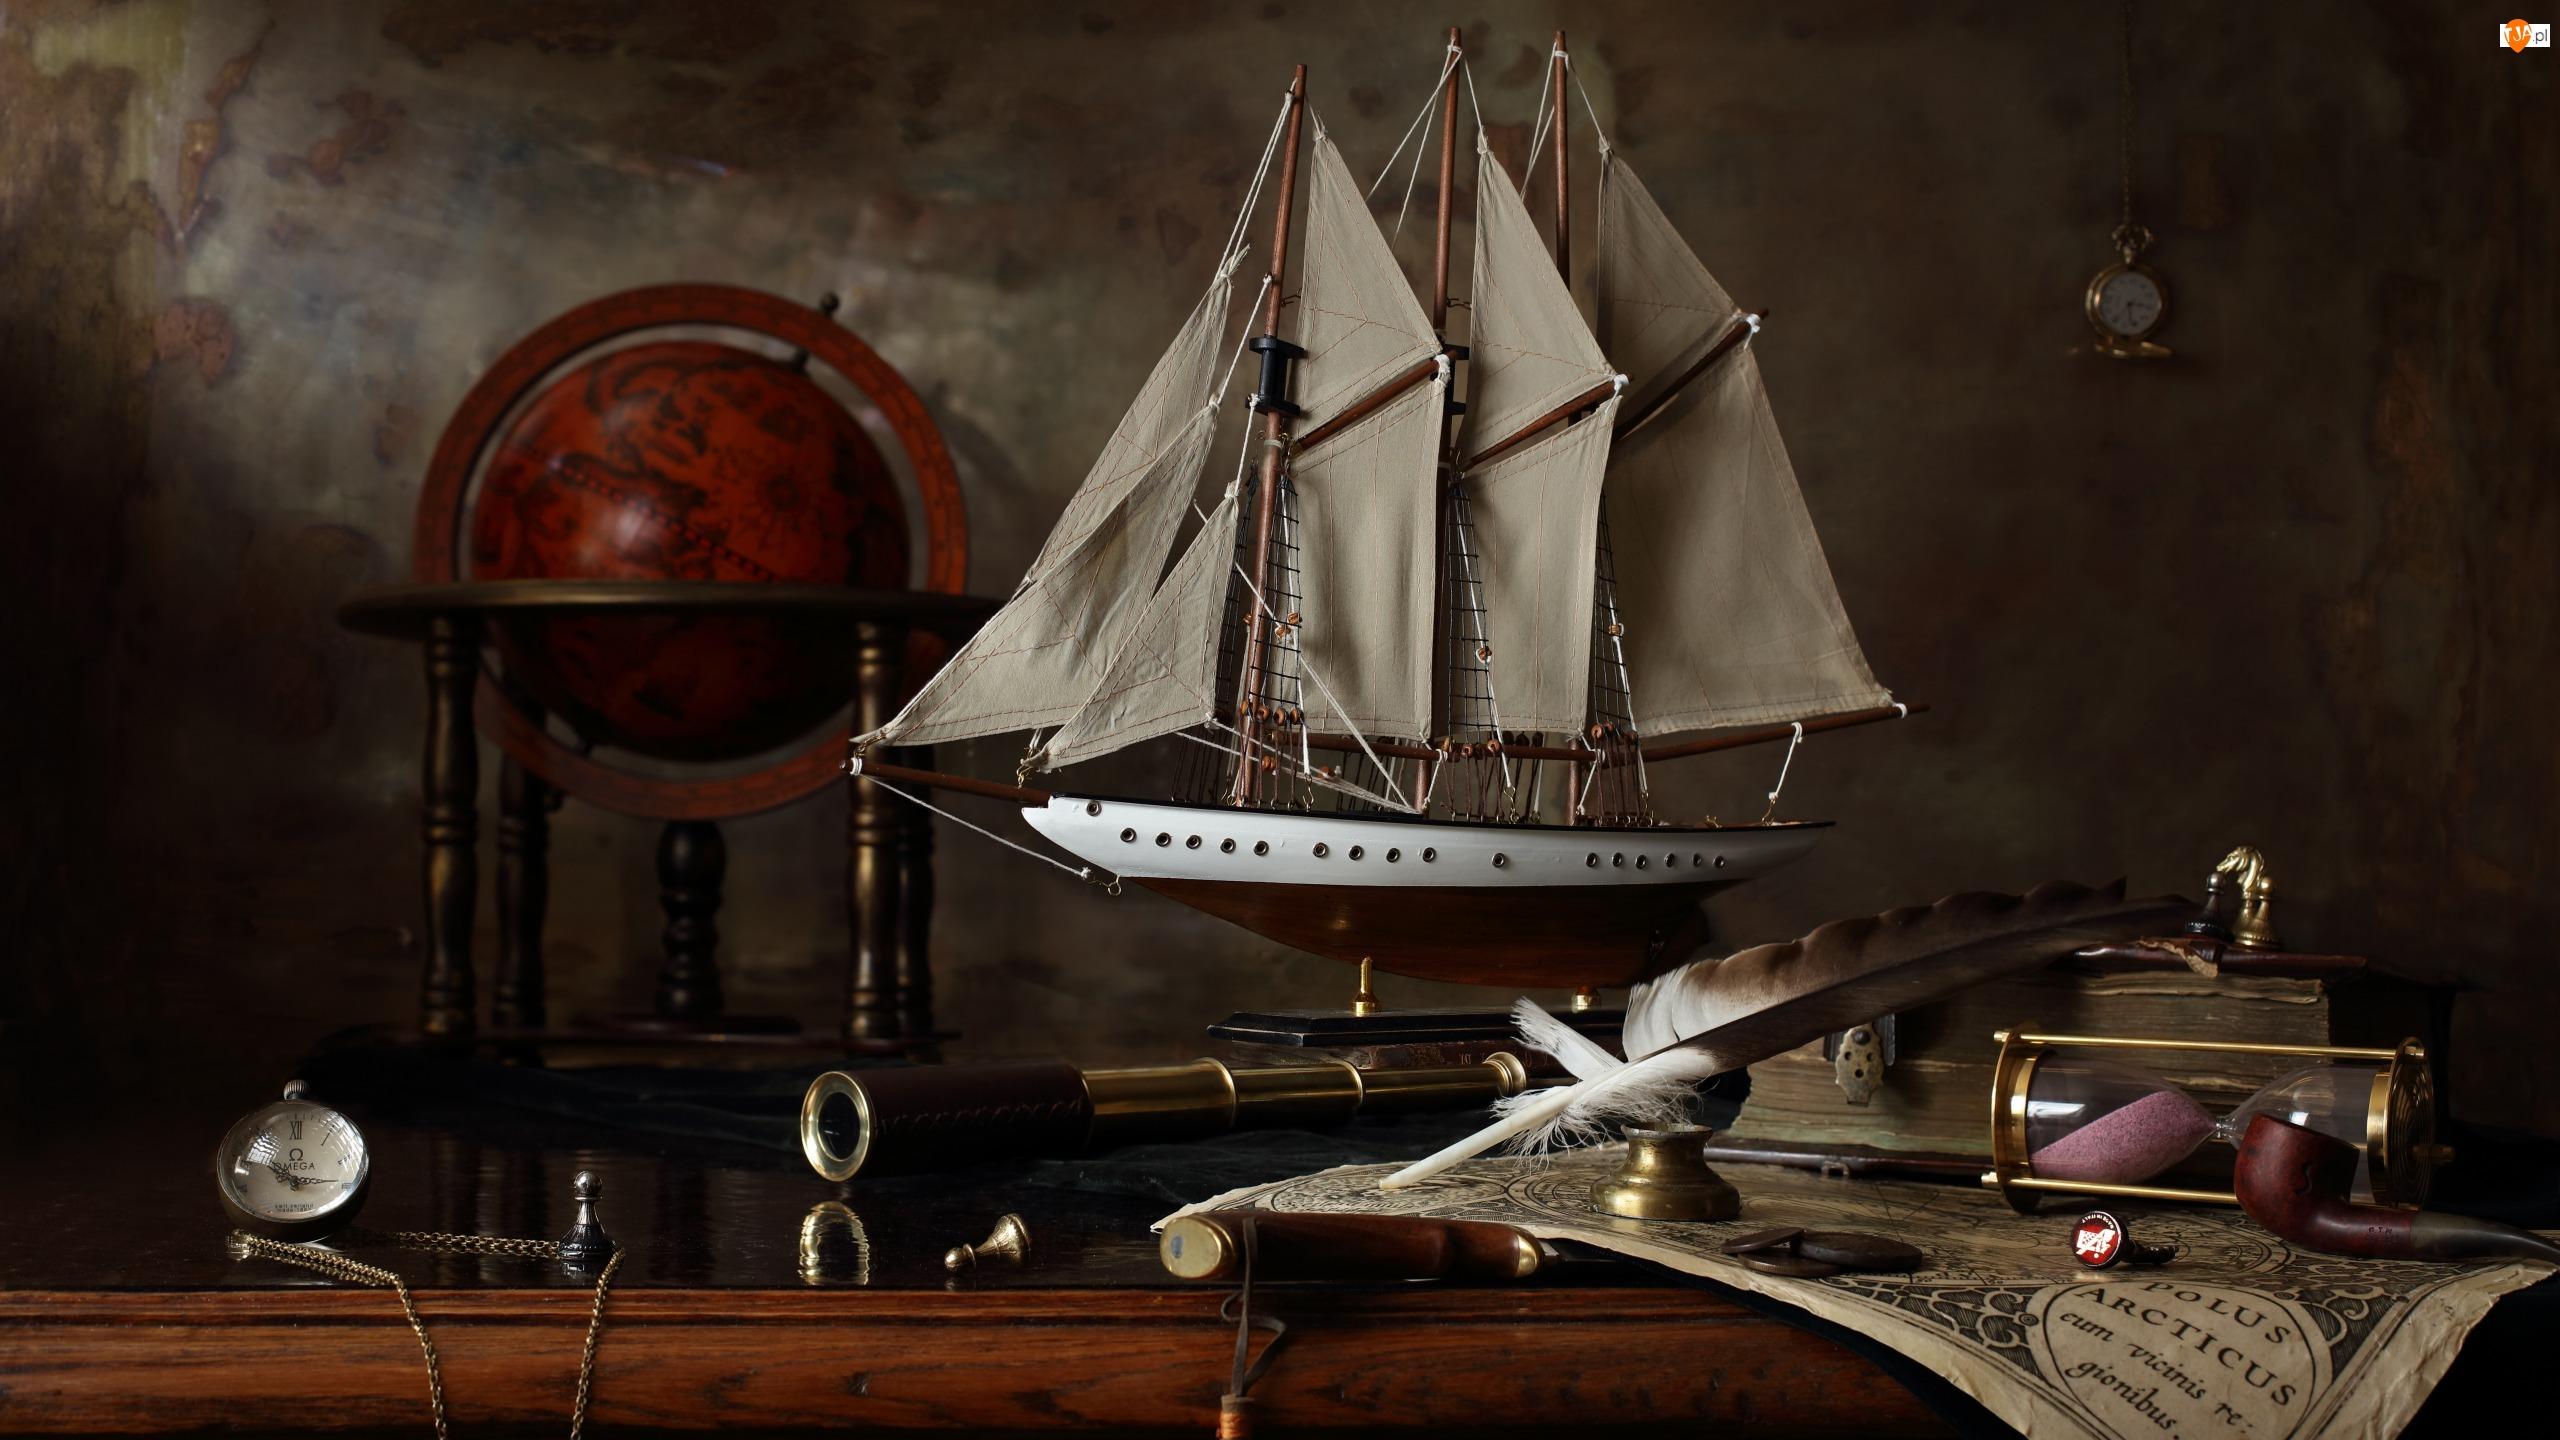 Luneta, Kompozycja, Statek, Globus